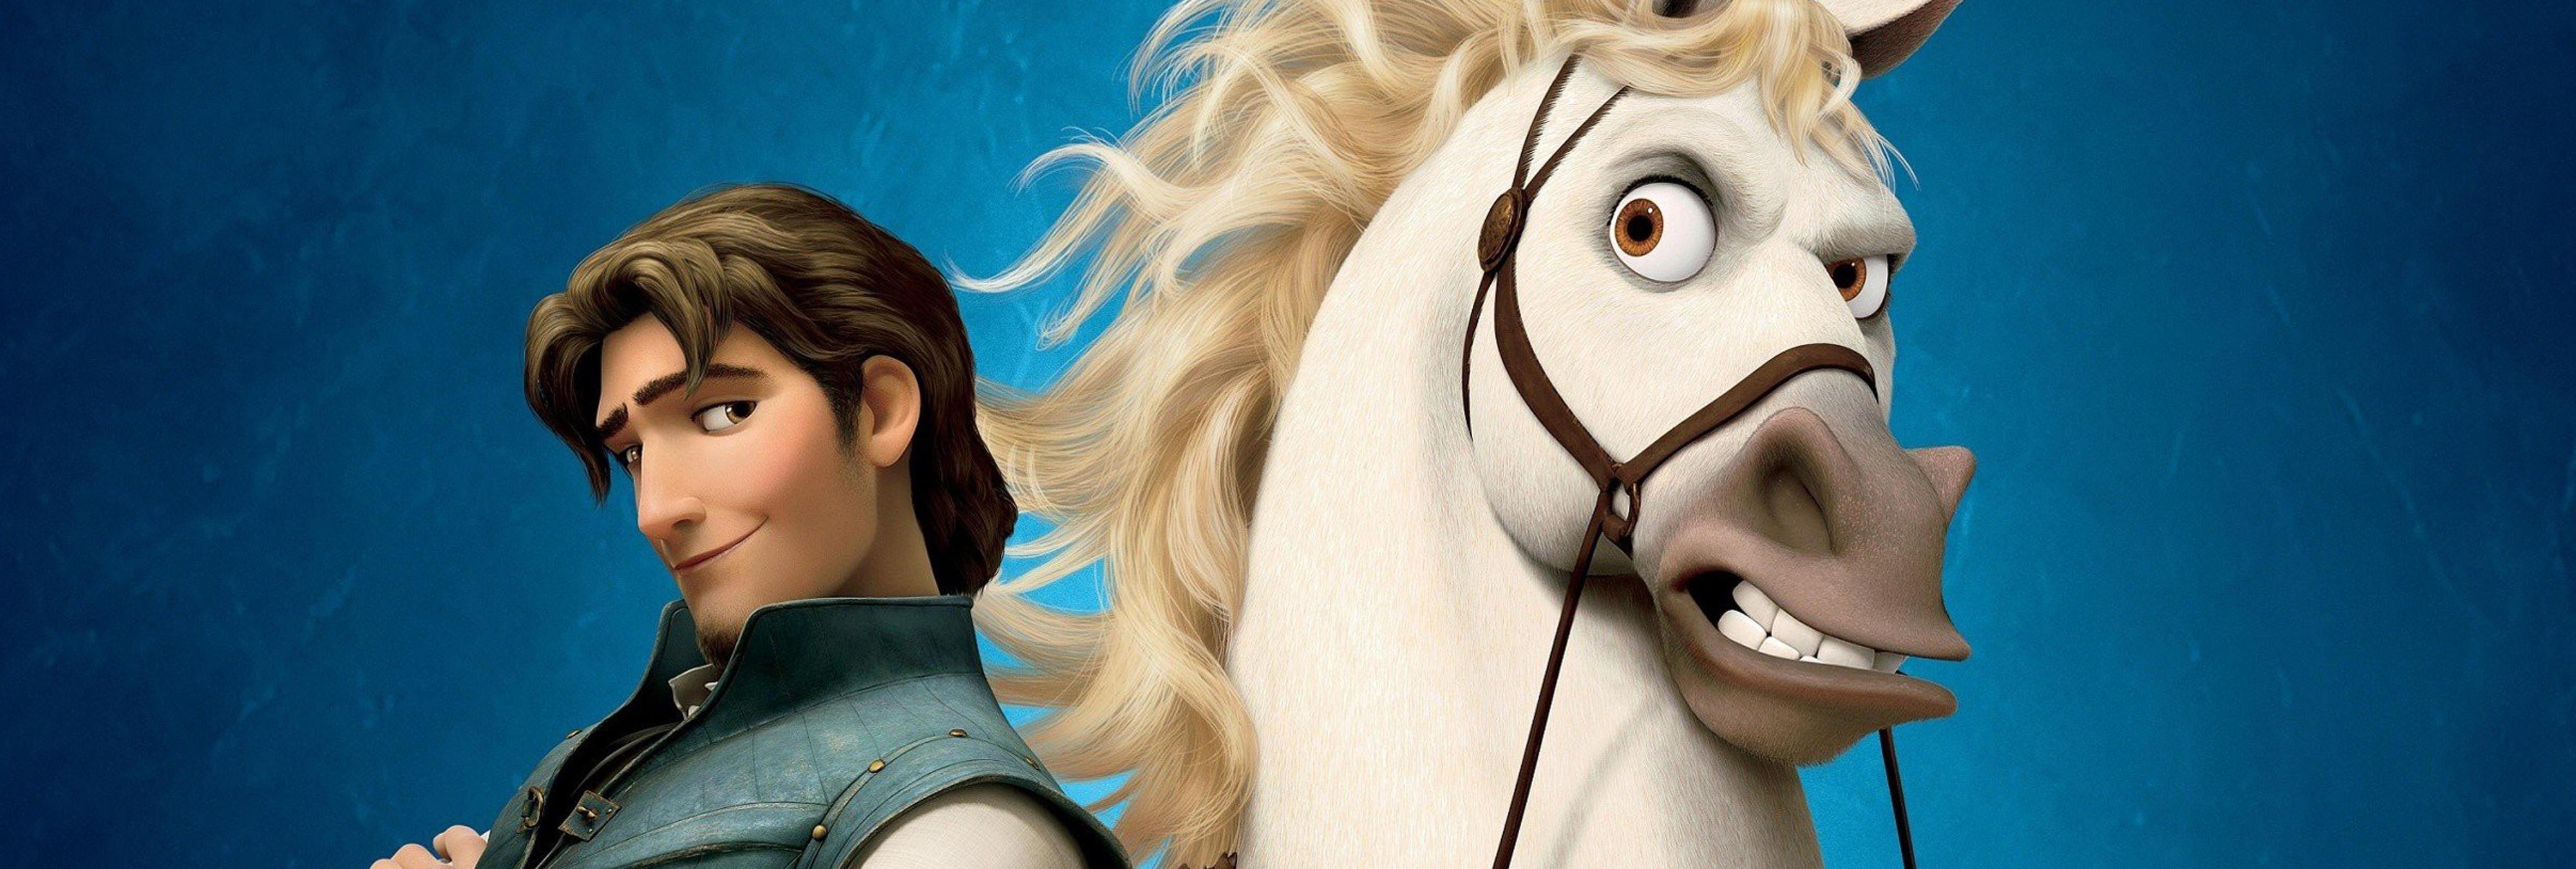 Están modificando caballos genéticamente para que parezcan dibujos animados